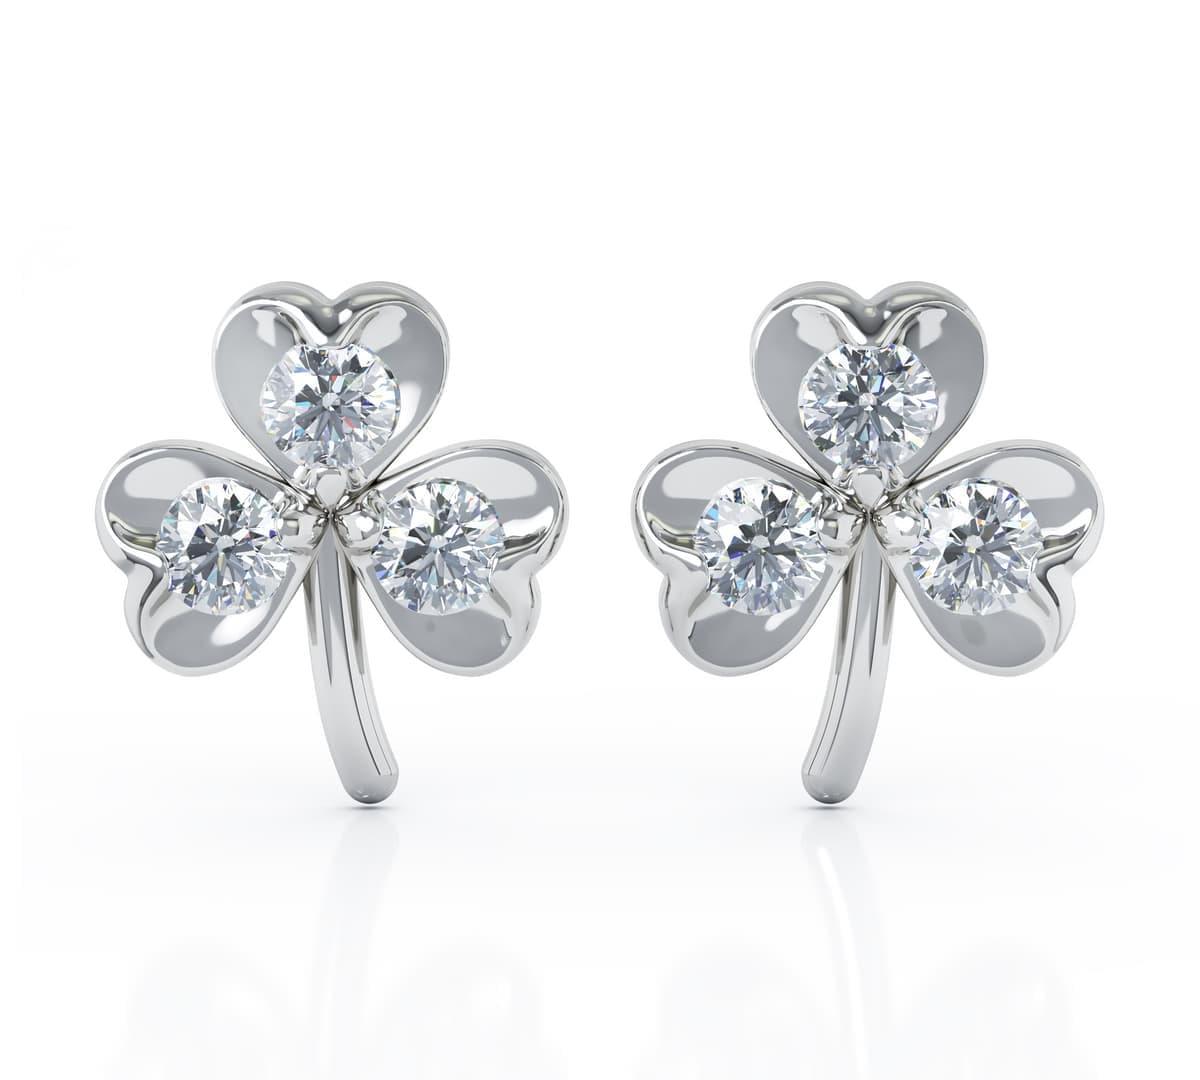 White Gold 3 Stone Diamond Shamrock Stud Earrings